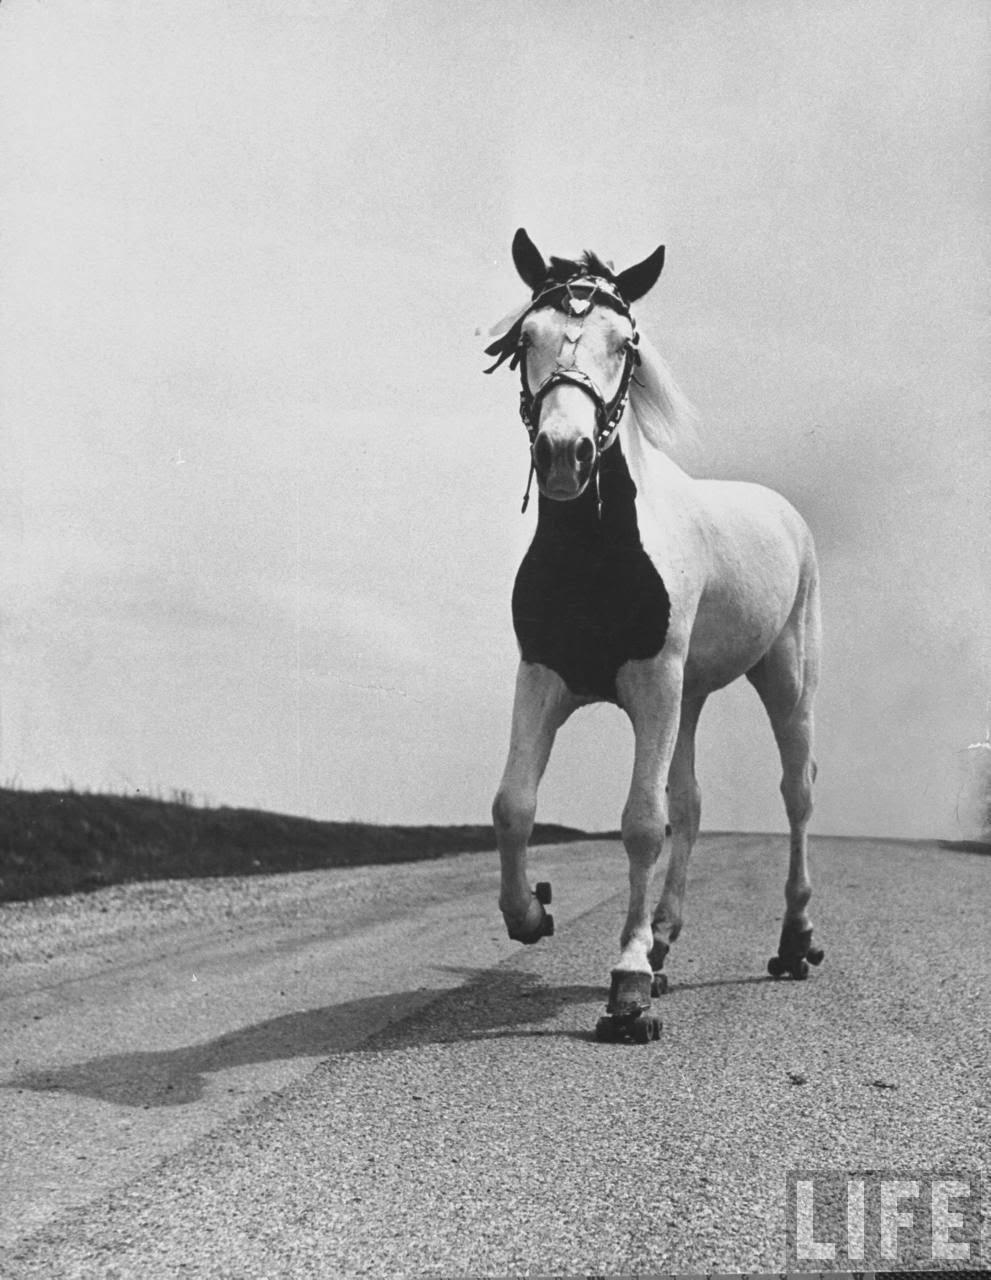 Roller skates vintage - Jimmy The Roller Skating Horse 1952